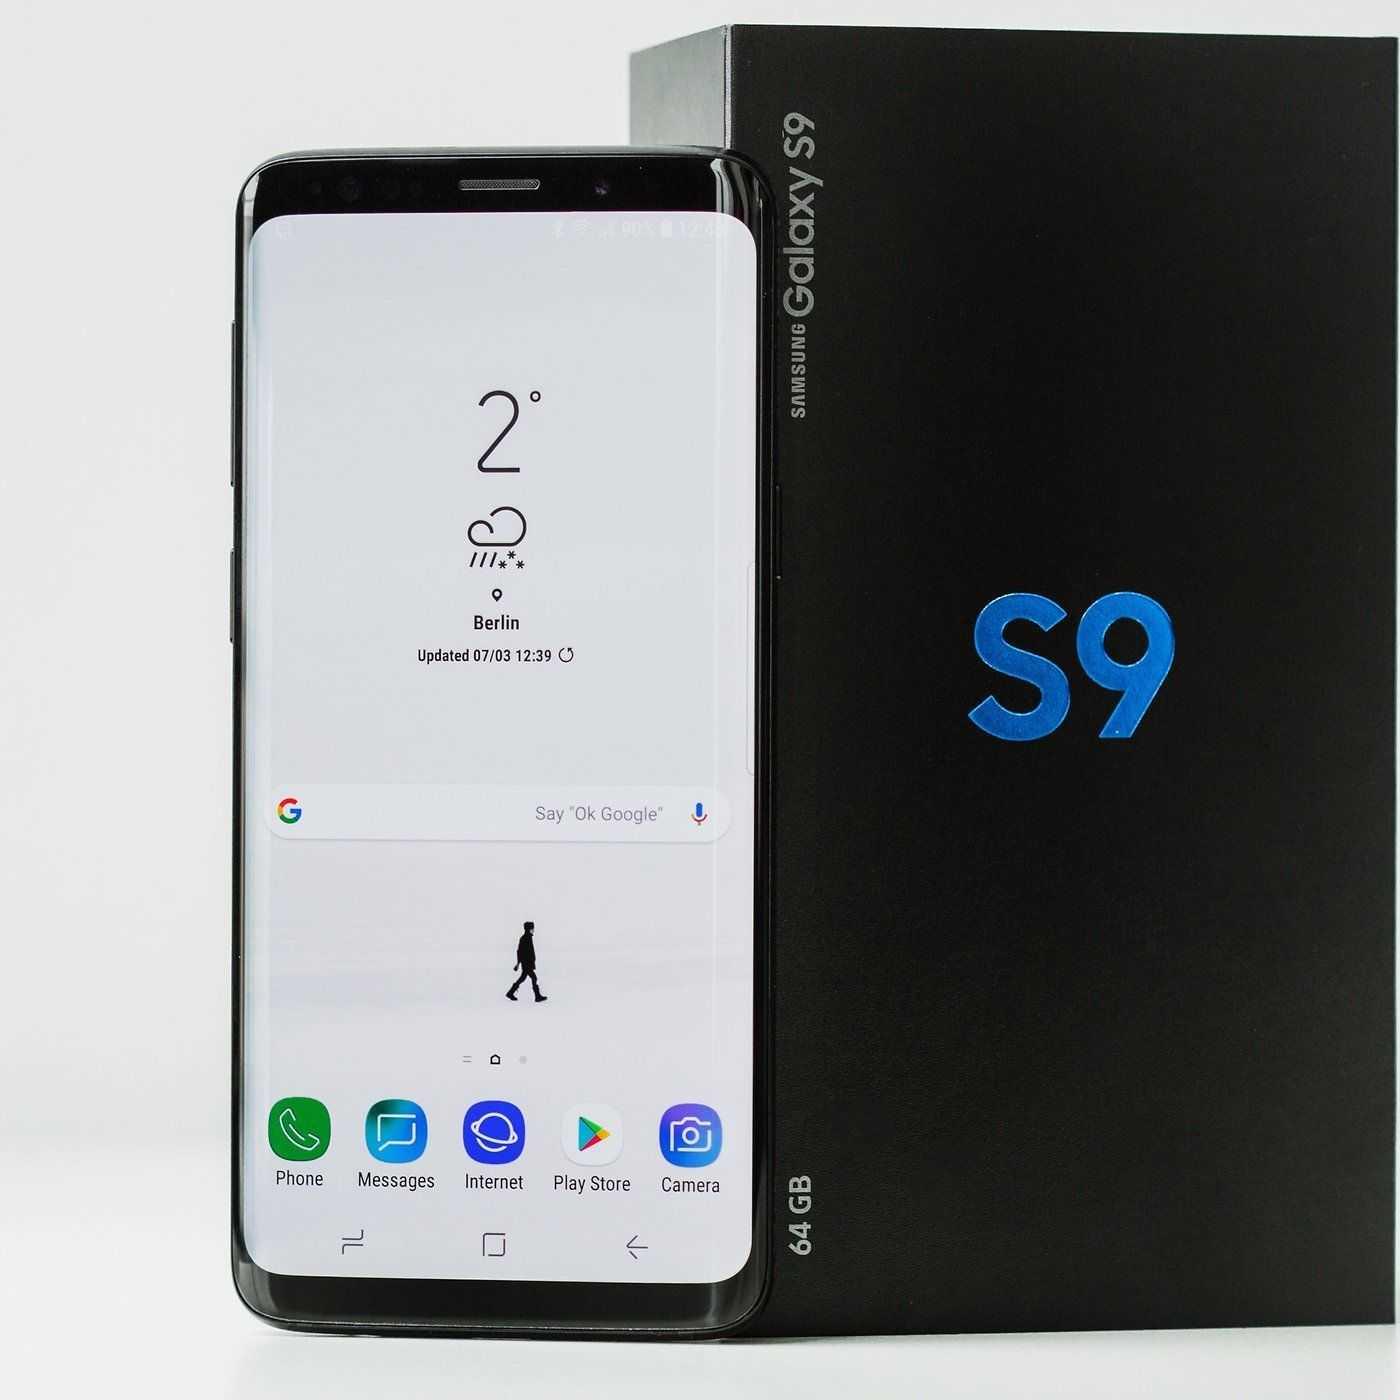 SAMSUNG S9 MIT VERTRAG OTELO